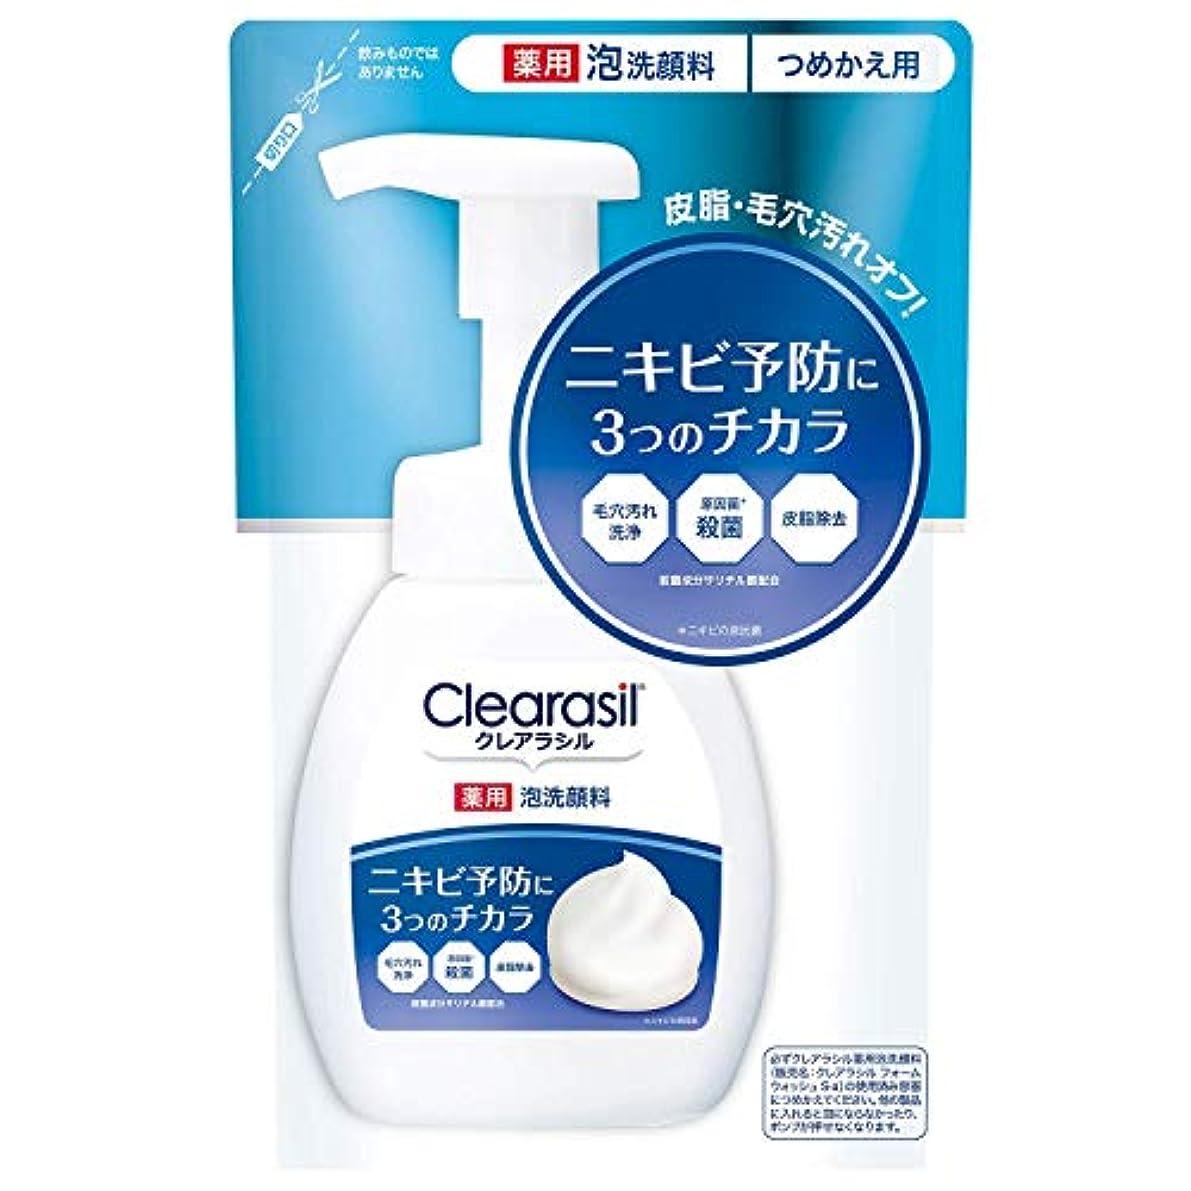 忘れっぽい謝る疫病【clearasil】クレアラシル 薬用泡洗顔フォーム10 つめかえ用 (180ml) ×5個セット